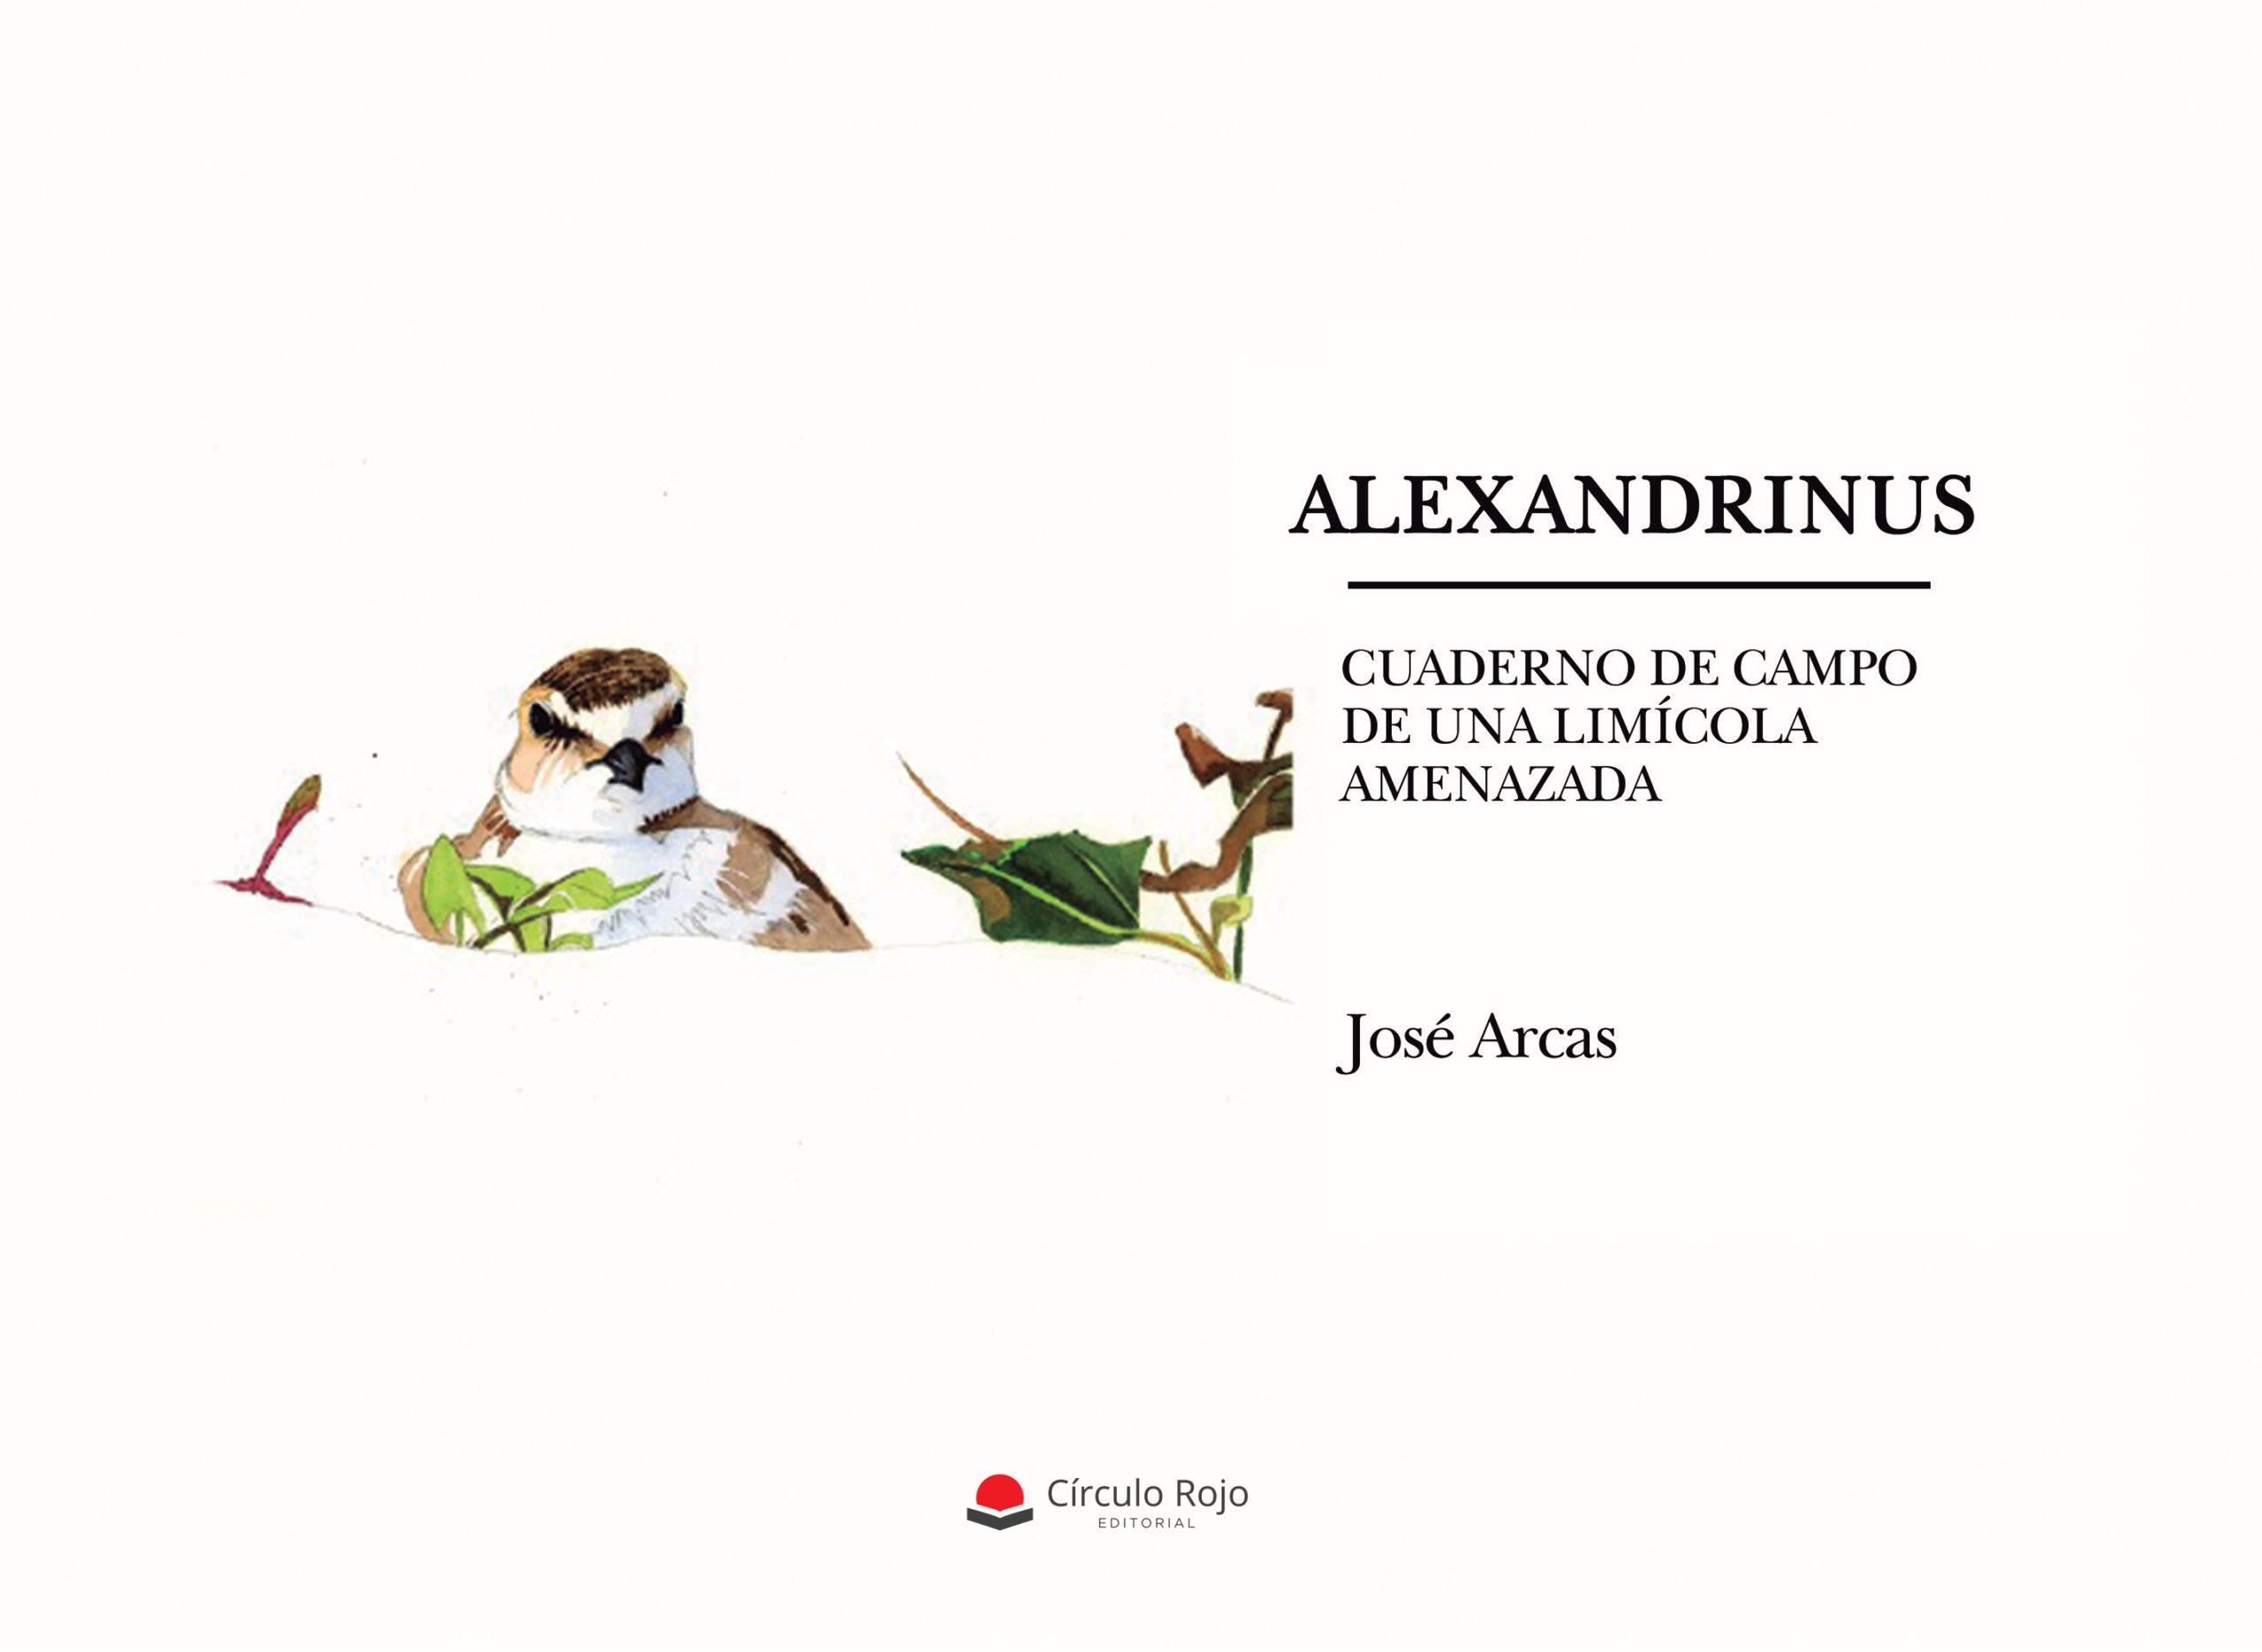 «ALEXANDRINUS. Cuaderno de Campo de una limícola amenazada»